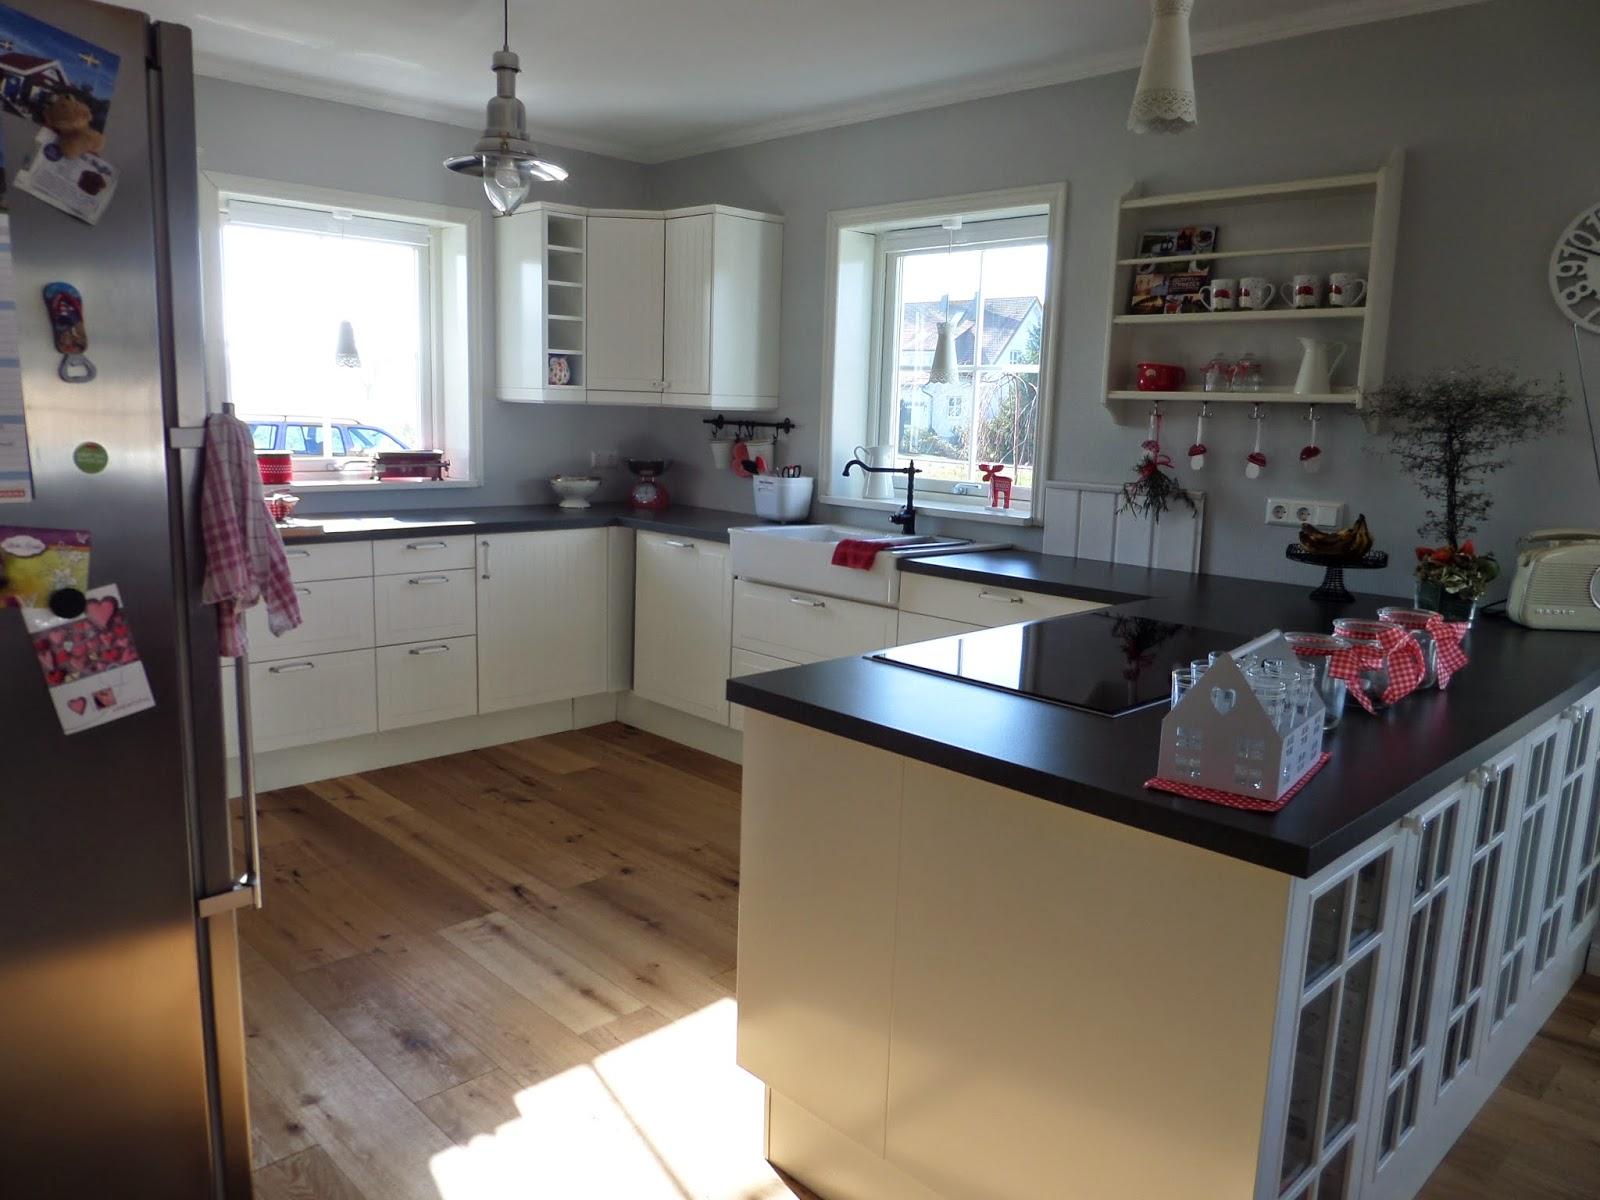 Schwedenhaus küche  Kleine Lotta ~ Unser Schwedenhaus: Wohnen, Essen und die Küche